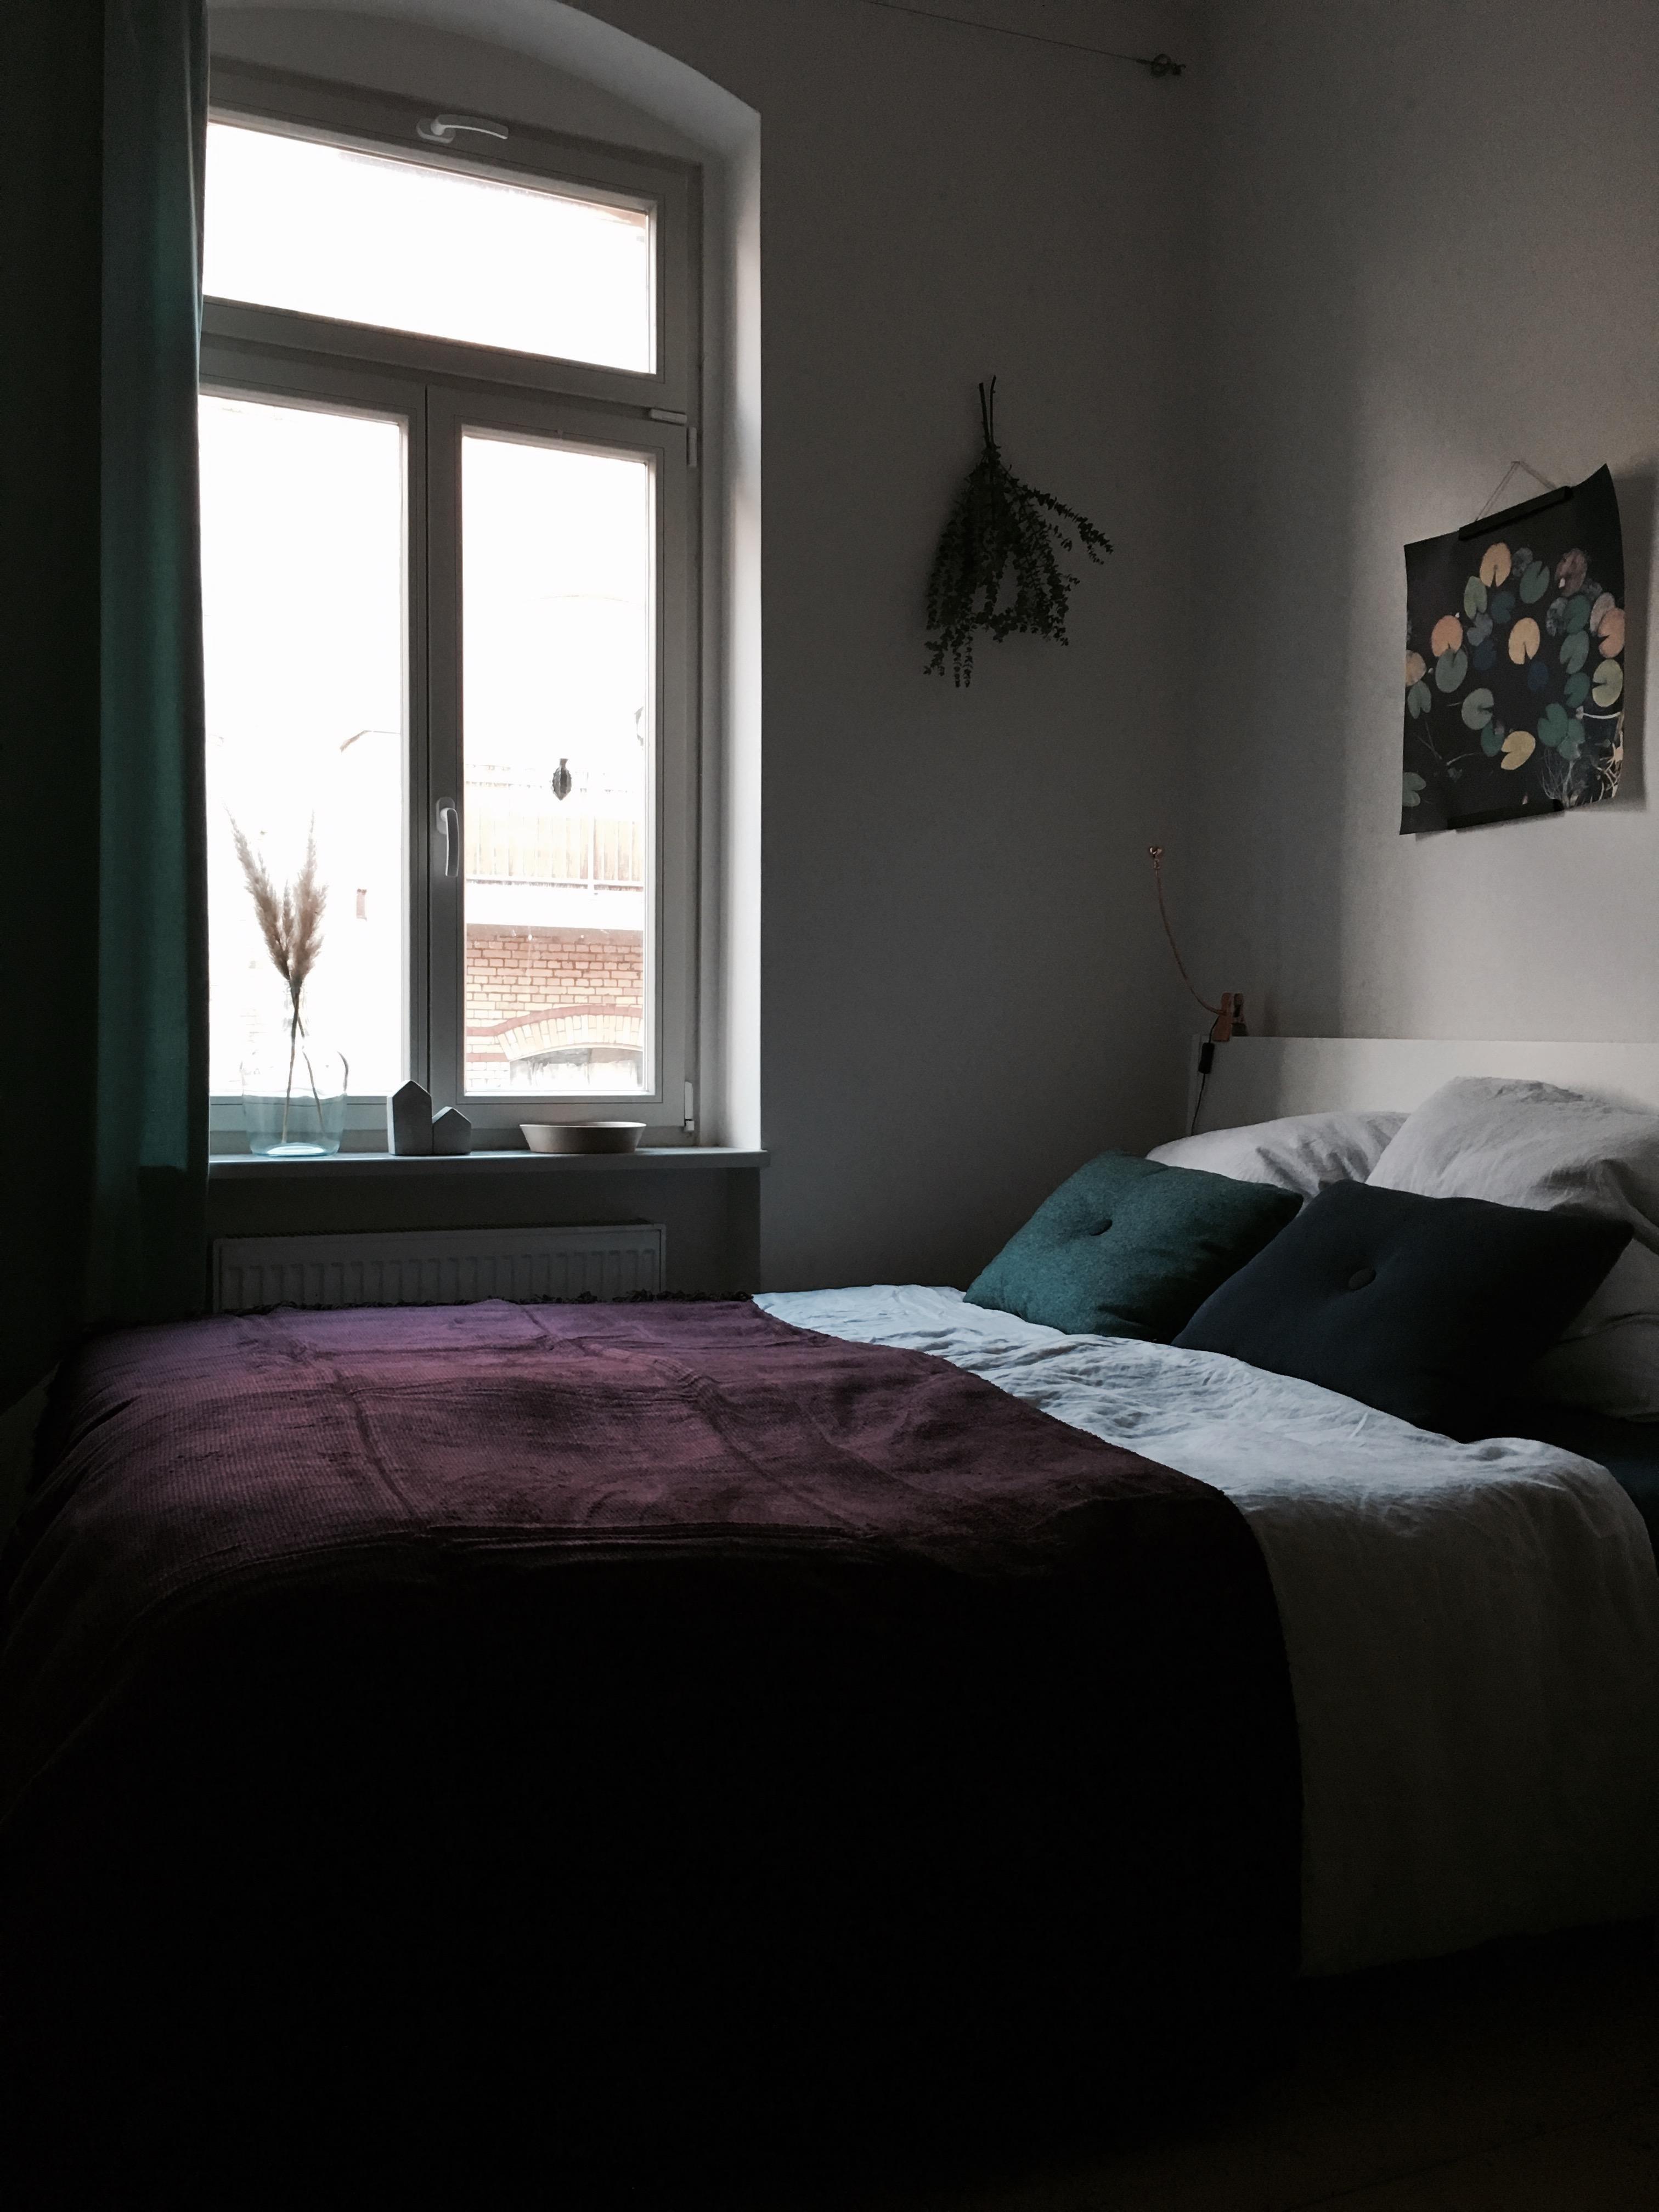 #schlafzimmer #kuscheldecke #kissen #living #leinen